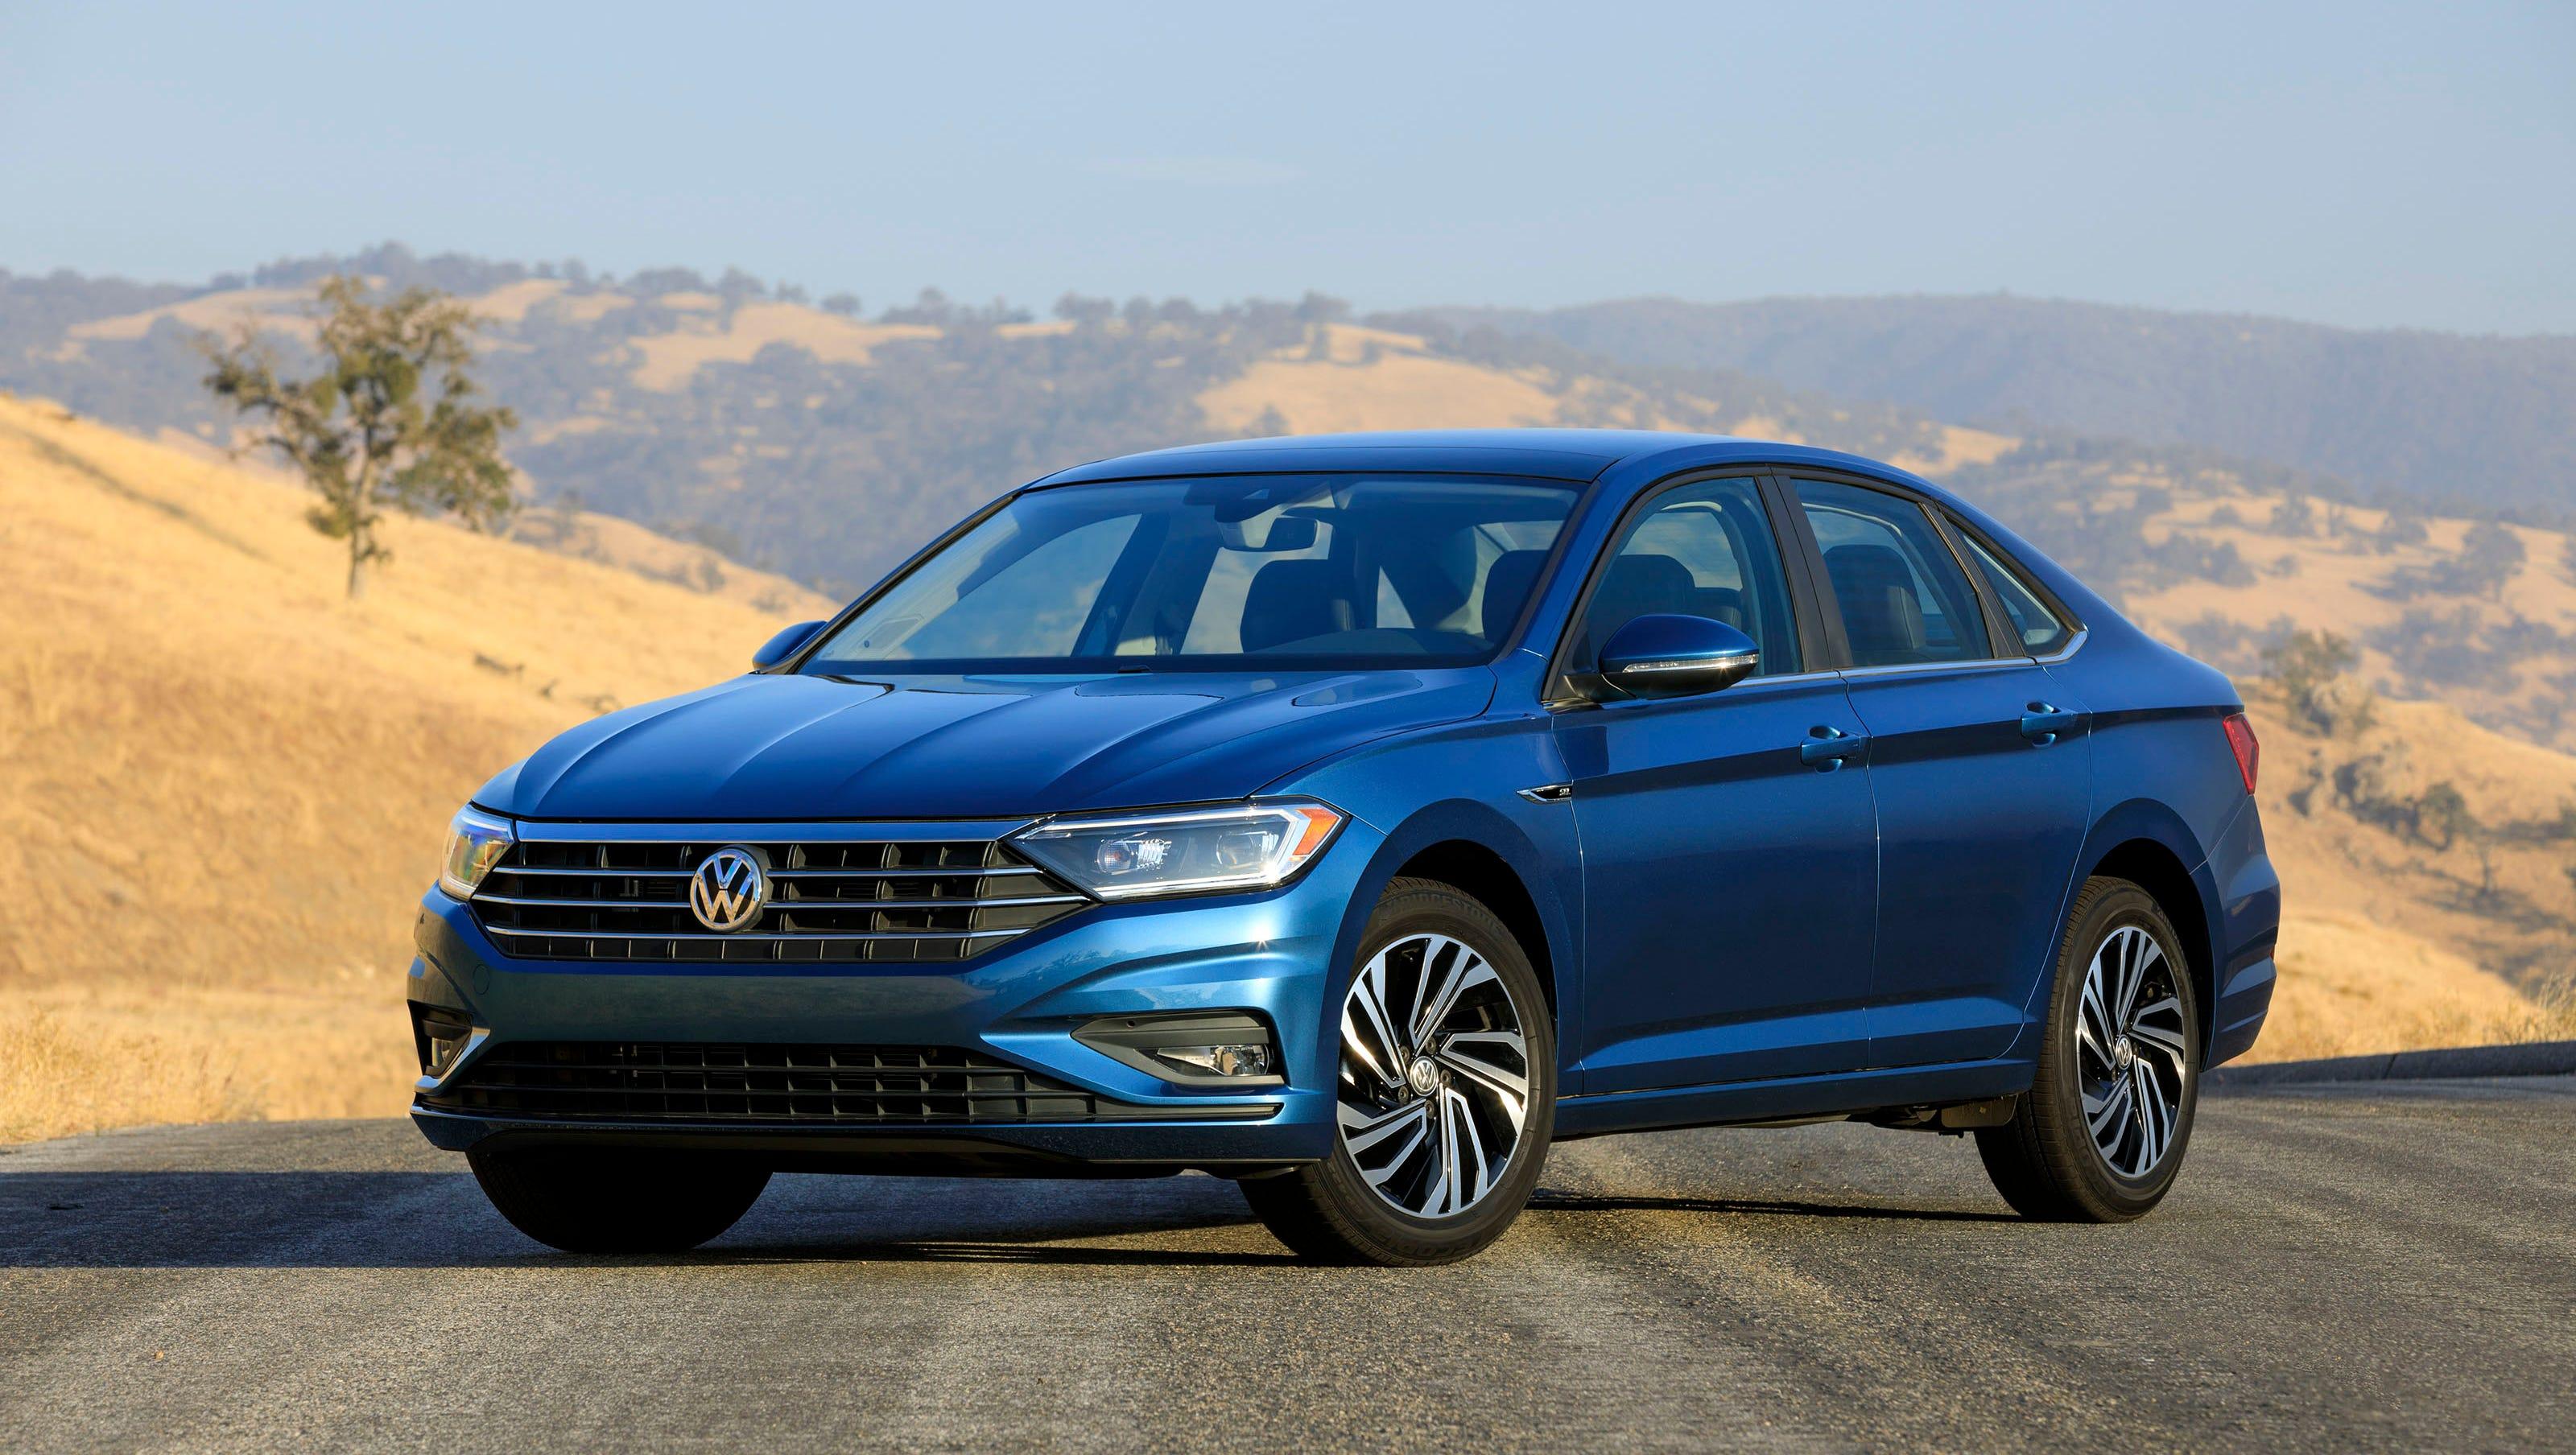 2019 Volkswagen Jetta Is Company S Best Compact Sedan